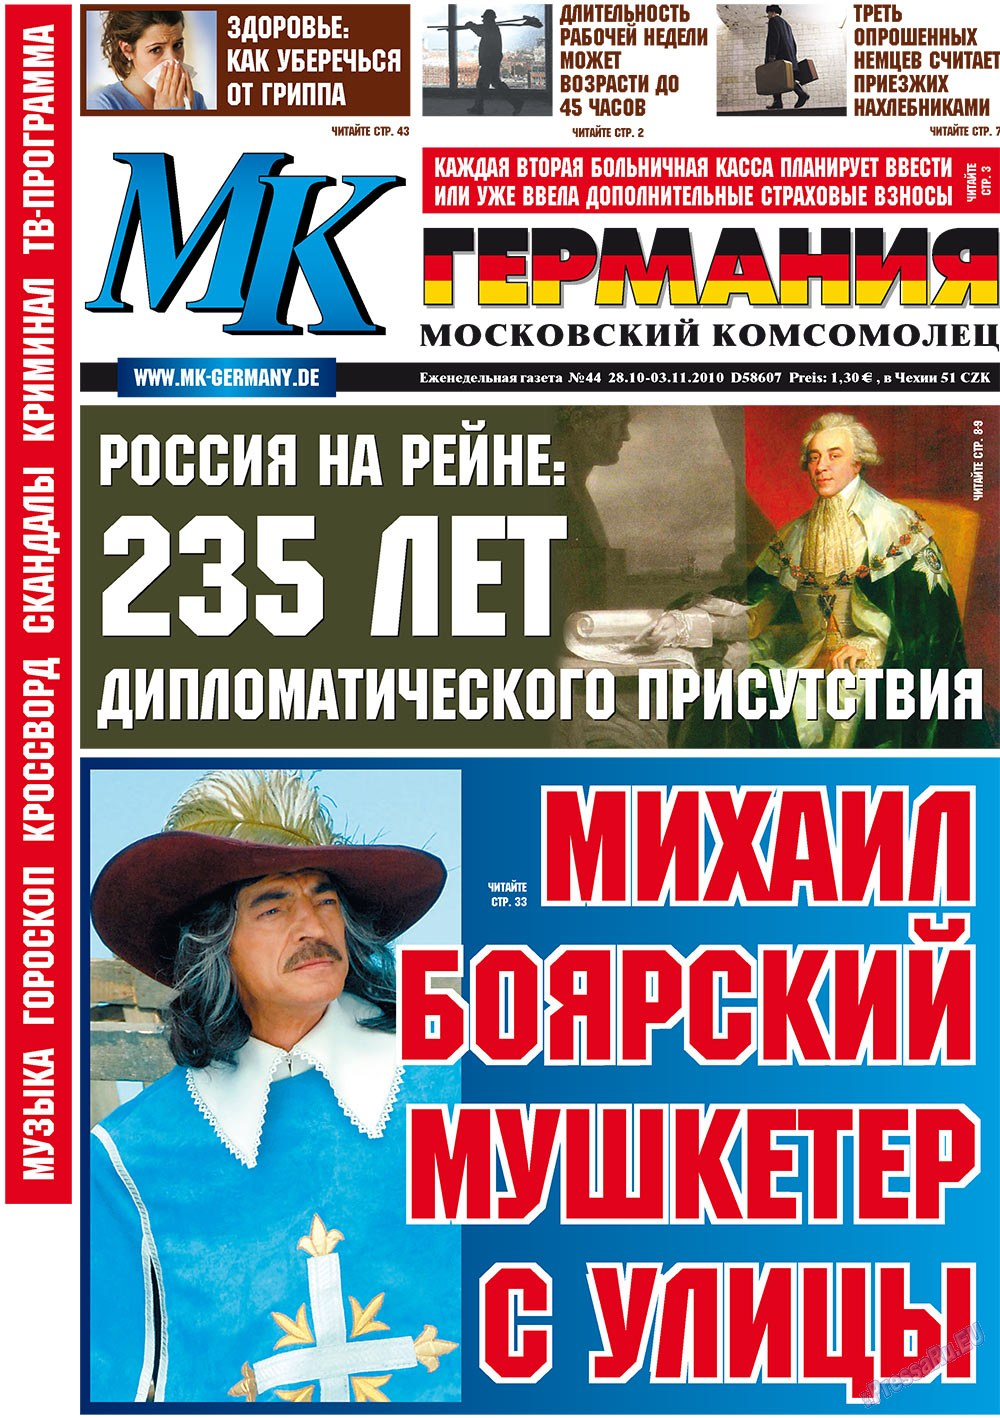 МК-Германия (газета). 2010 год, номер 44, стр. 1